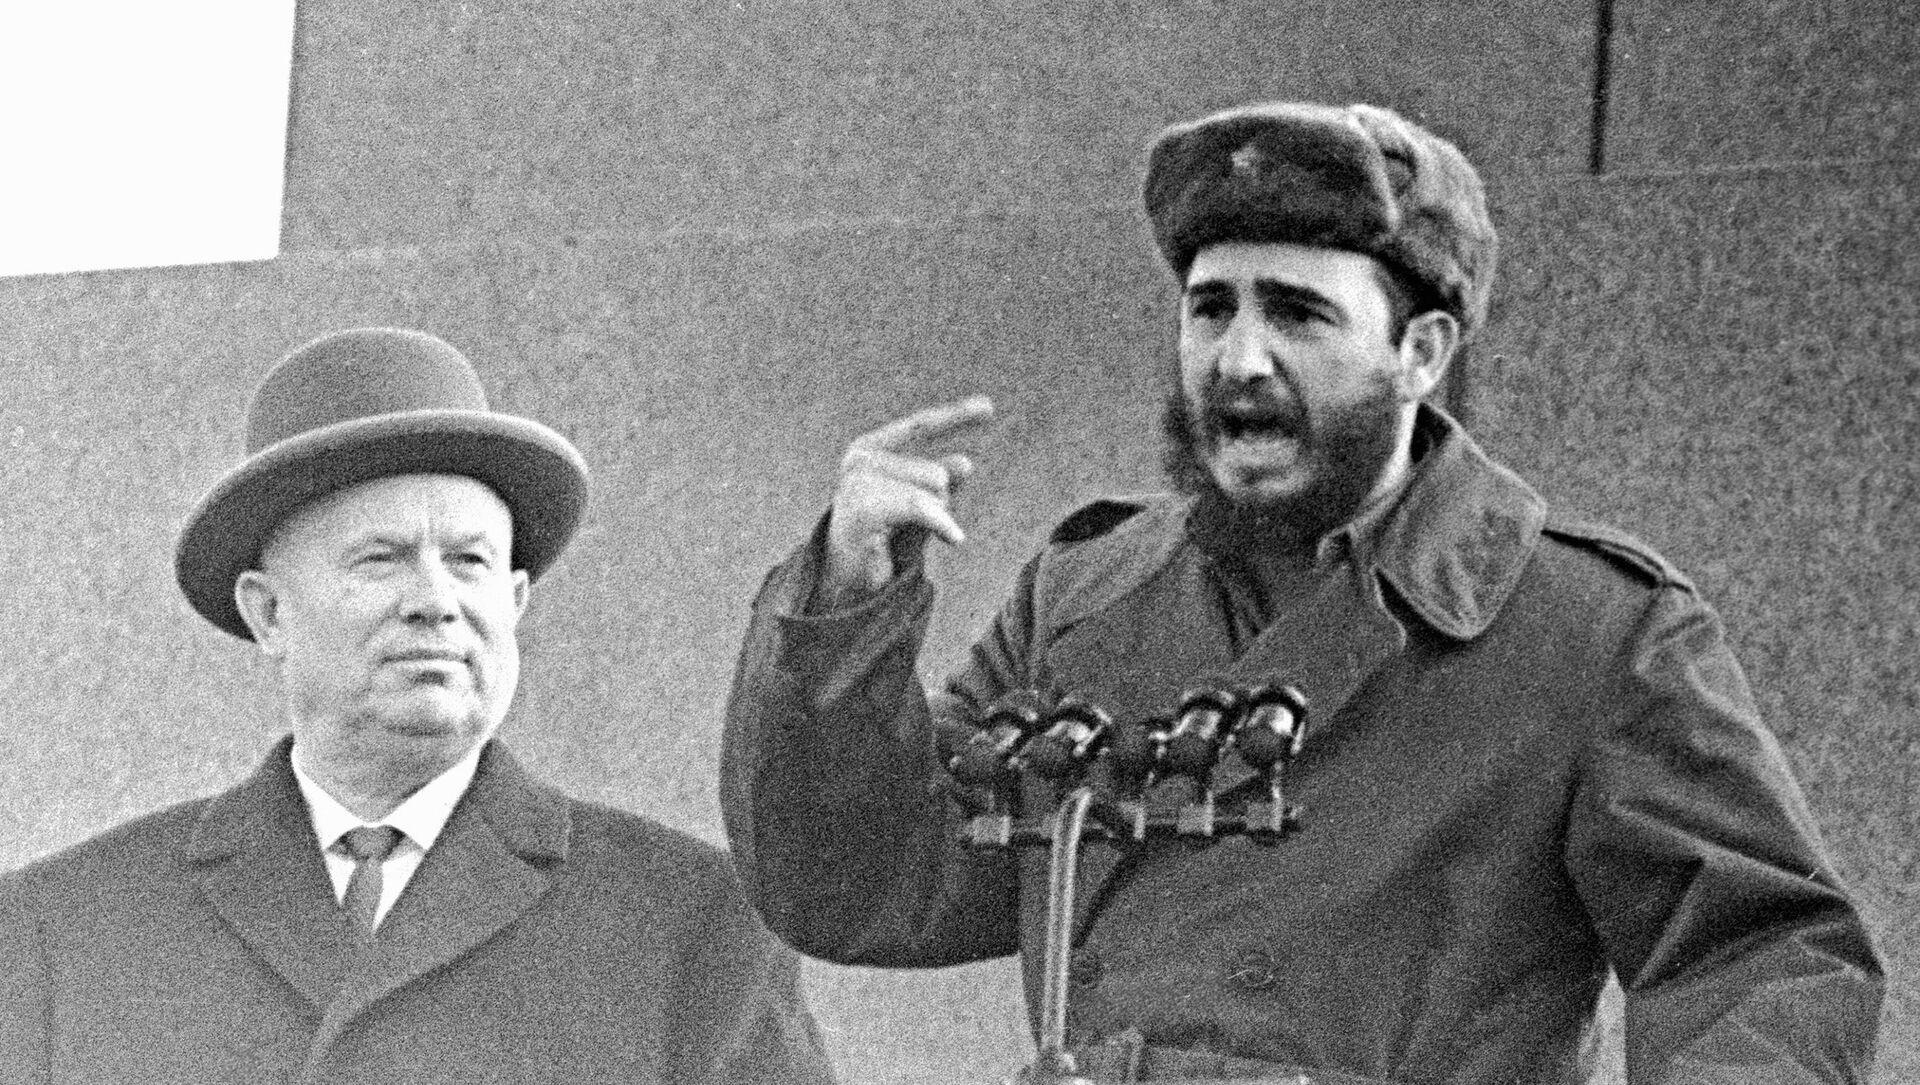 Nikita Jruschov, primer secretario del Comité Central del Partido Comunista de la Unión Soviética, junto a Fidel Castro, líder de la Revolución cubana, en la Plaza Roja de Moscú. - Sputnik Mundo, 1920, 18.10.2018